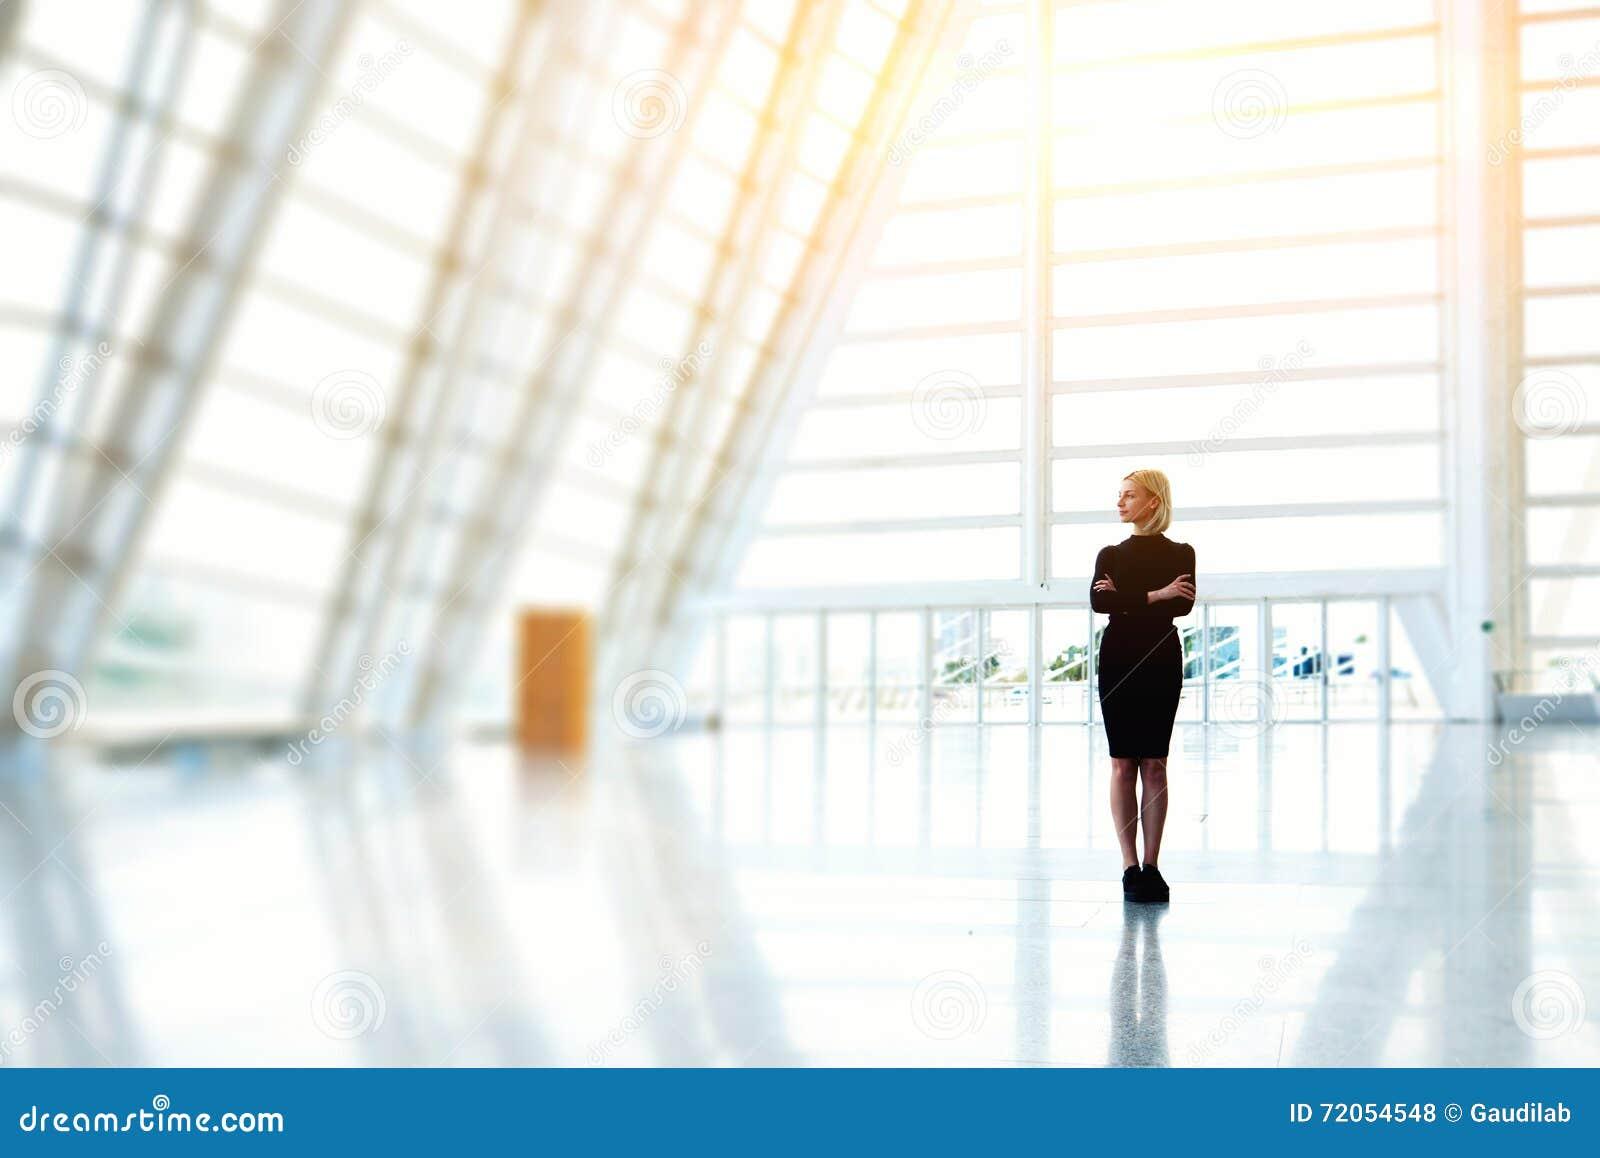 Den lyckade kvinnliga vd:n väntar affärspartners